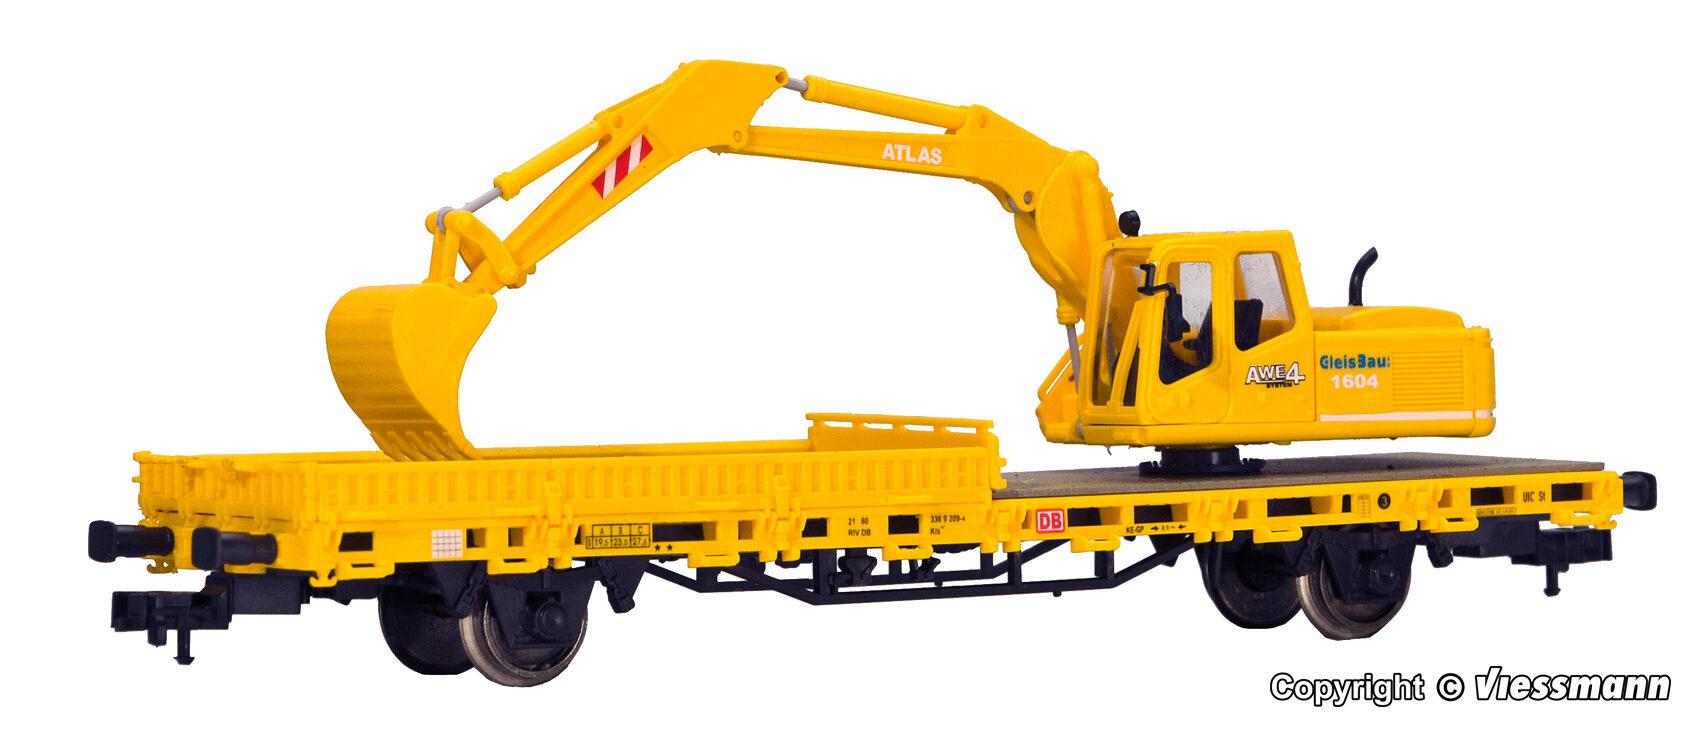 Kibri H0 26250 Fertigmodell Niederbordwagen mit ATLAS Bagger Gleisbau